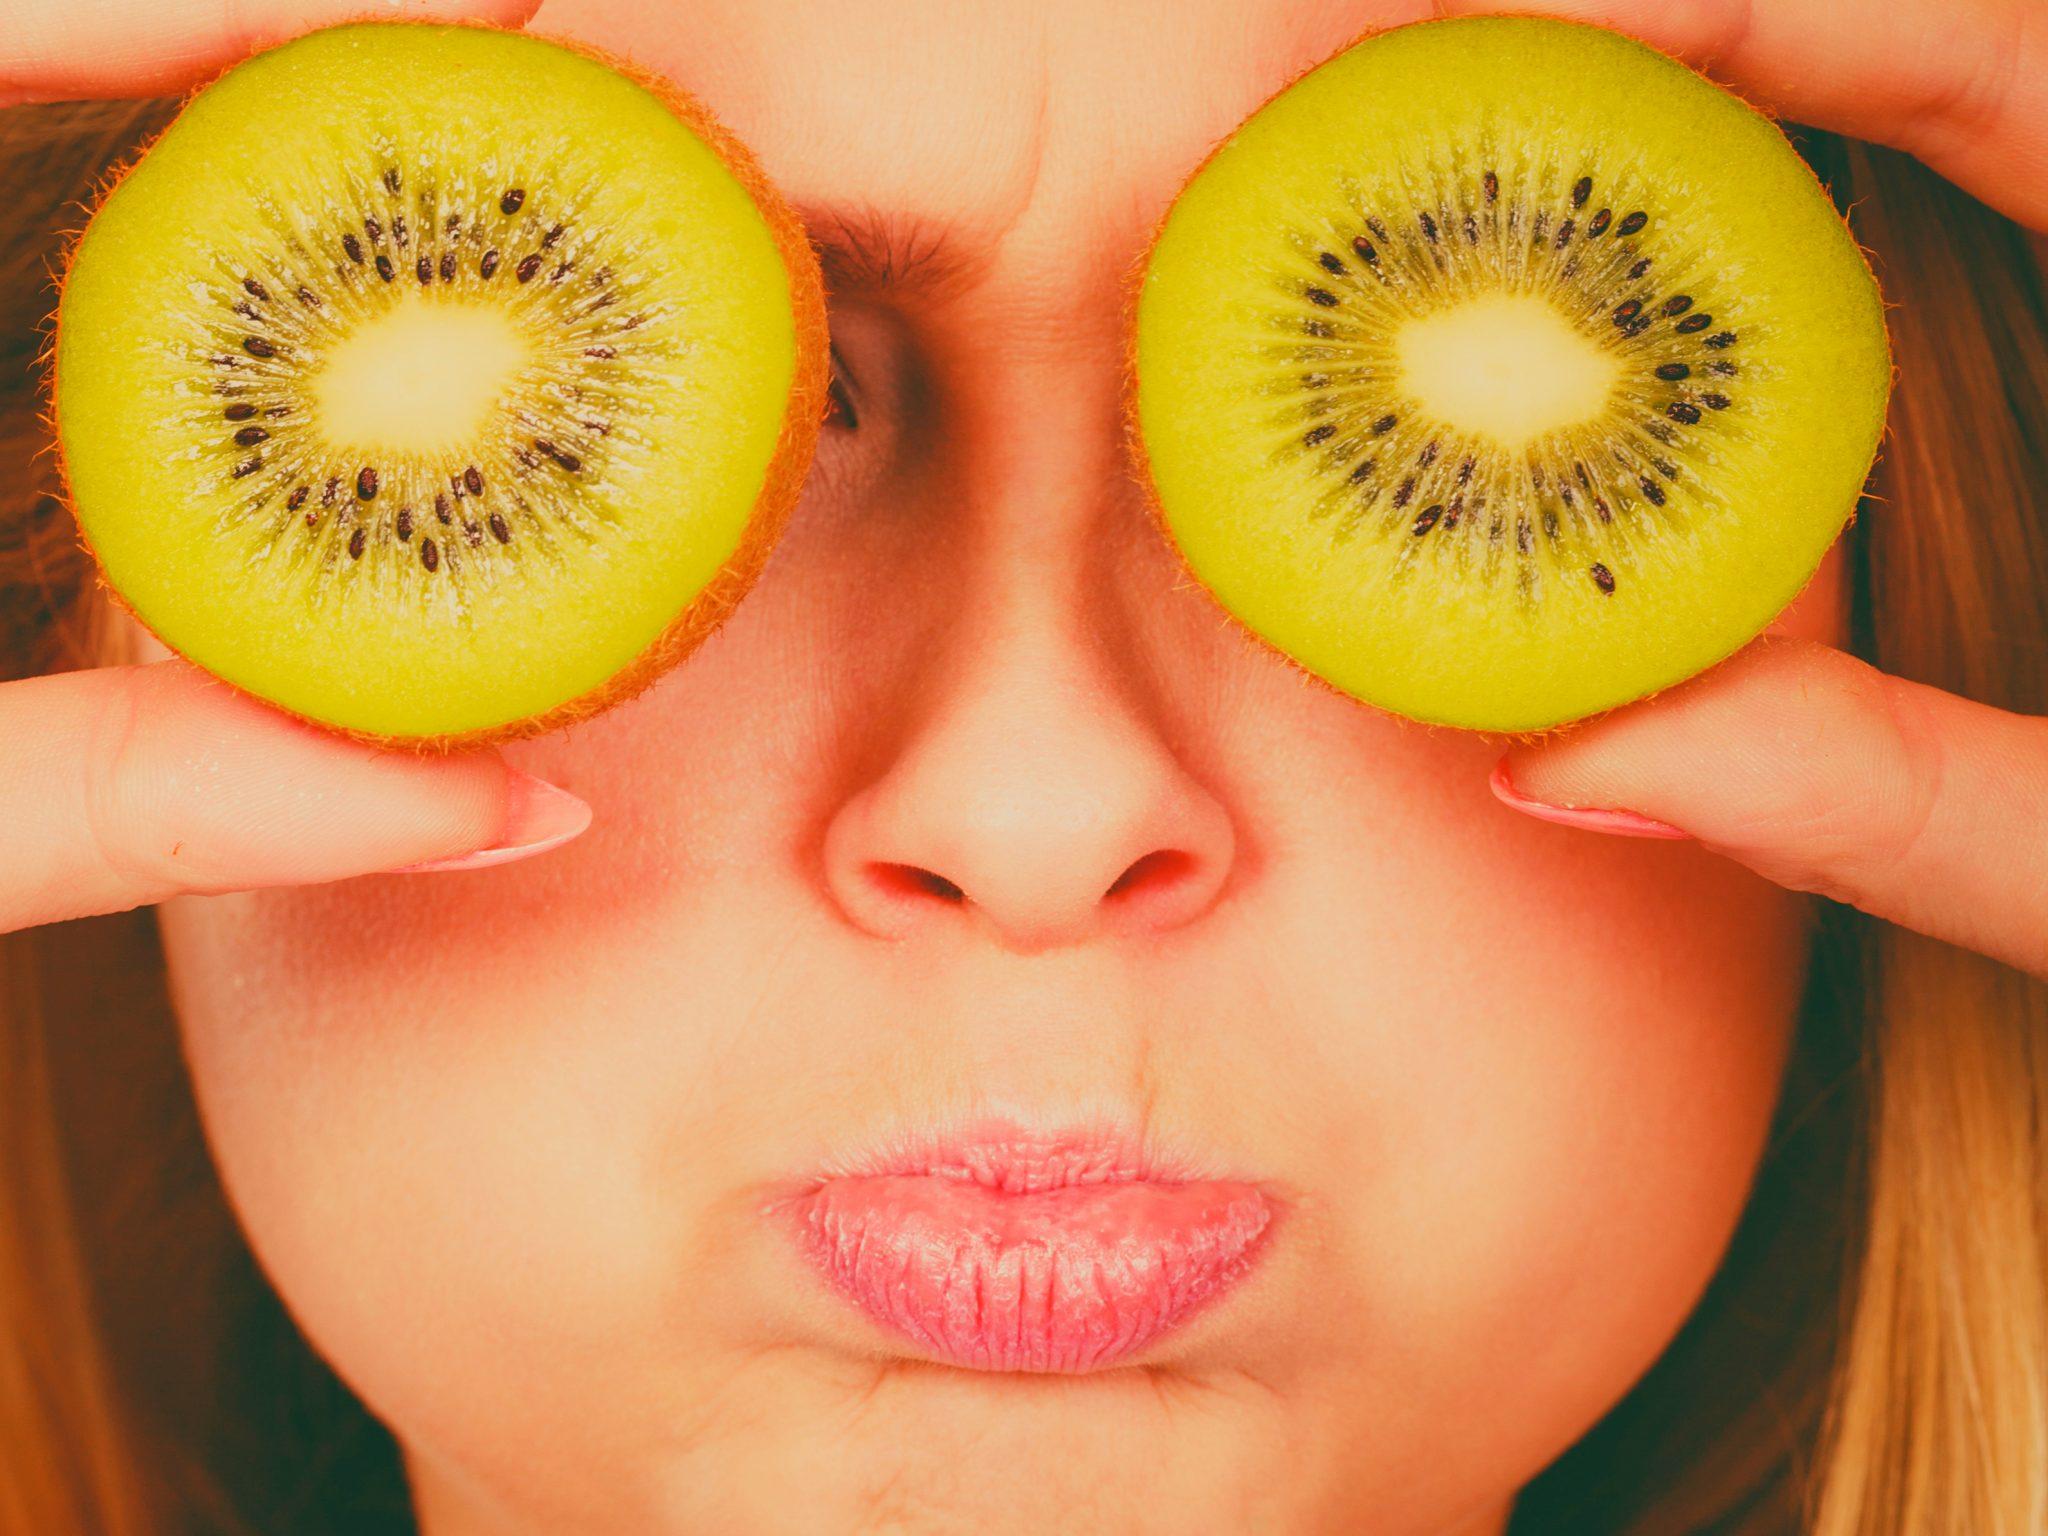 キウイフルーツを目にして写真を撮ってる女性